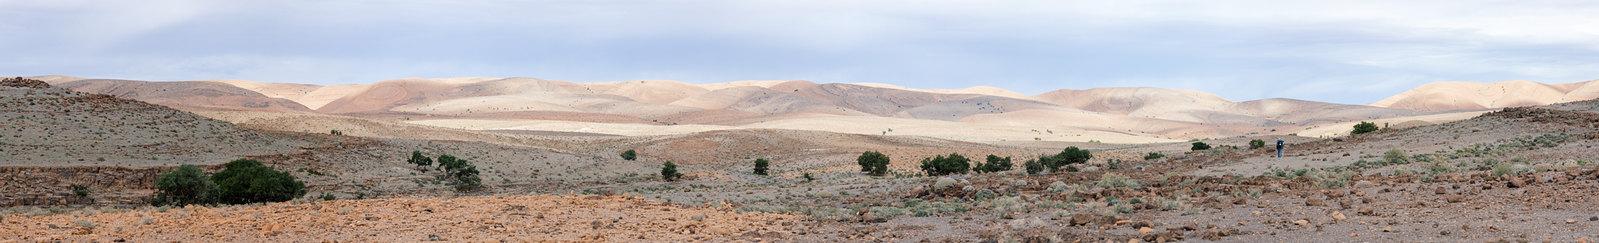 Trek sans guide au Maroc - 5 jours dans l'anti-Atlas - Des roches à perte de vue